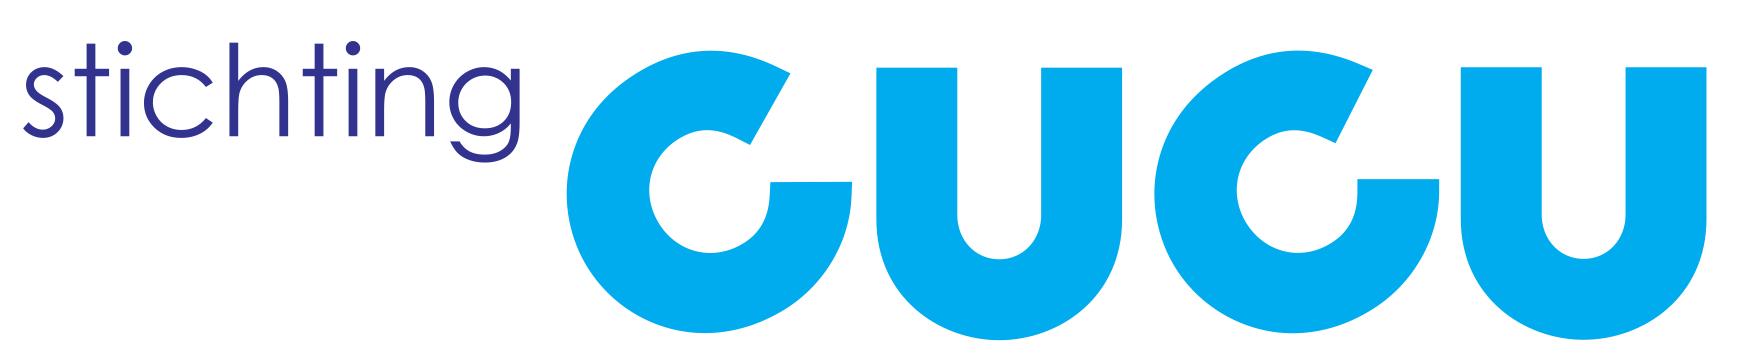 Stichting Cucu